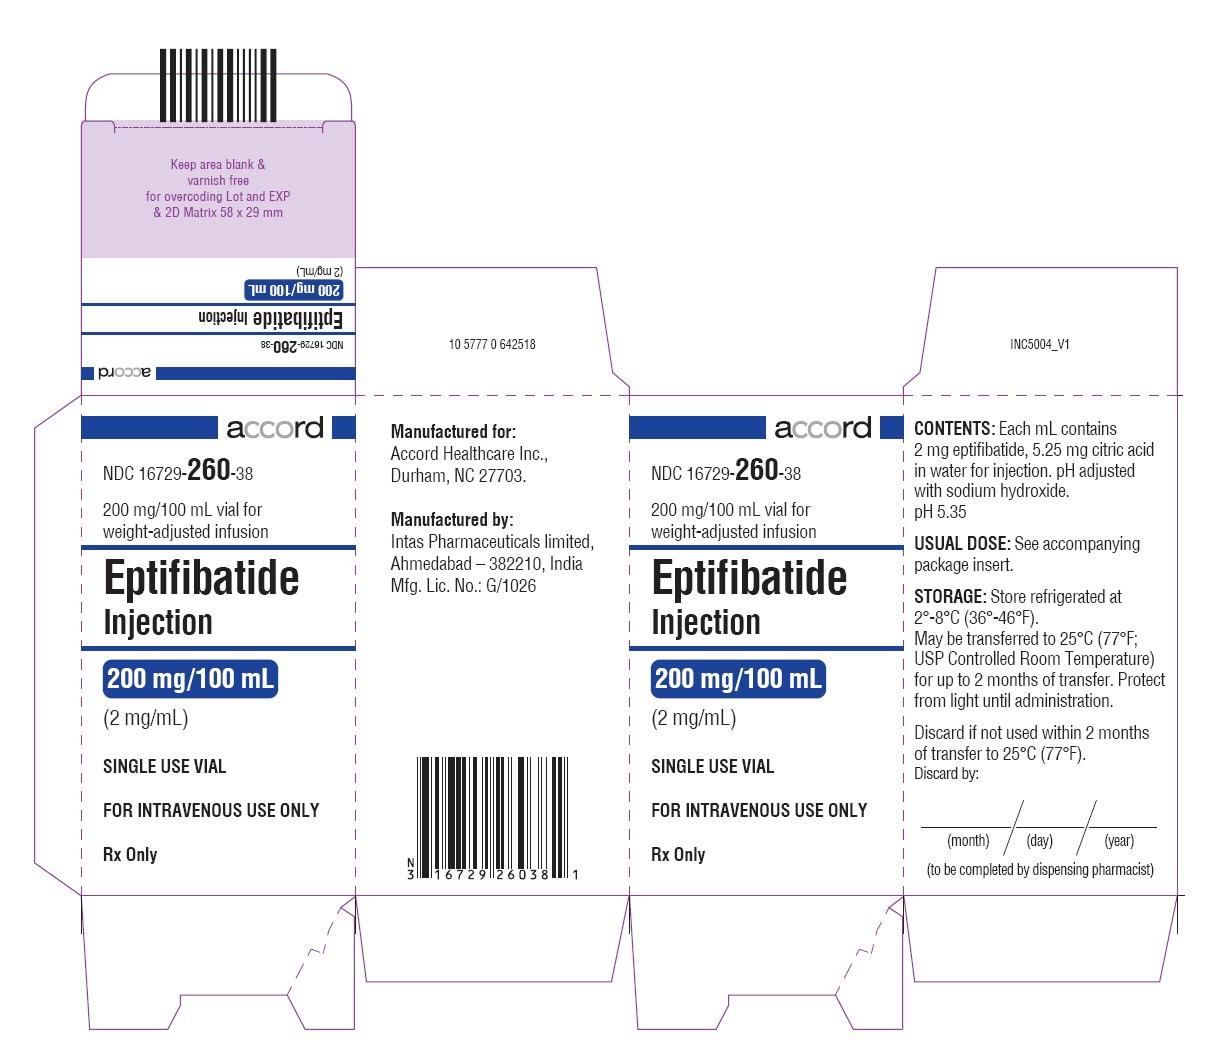 PRINCIPAL DISPLAY PANEL - 2 mg/mL Vial Carton